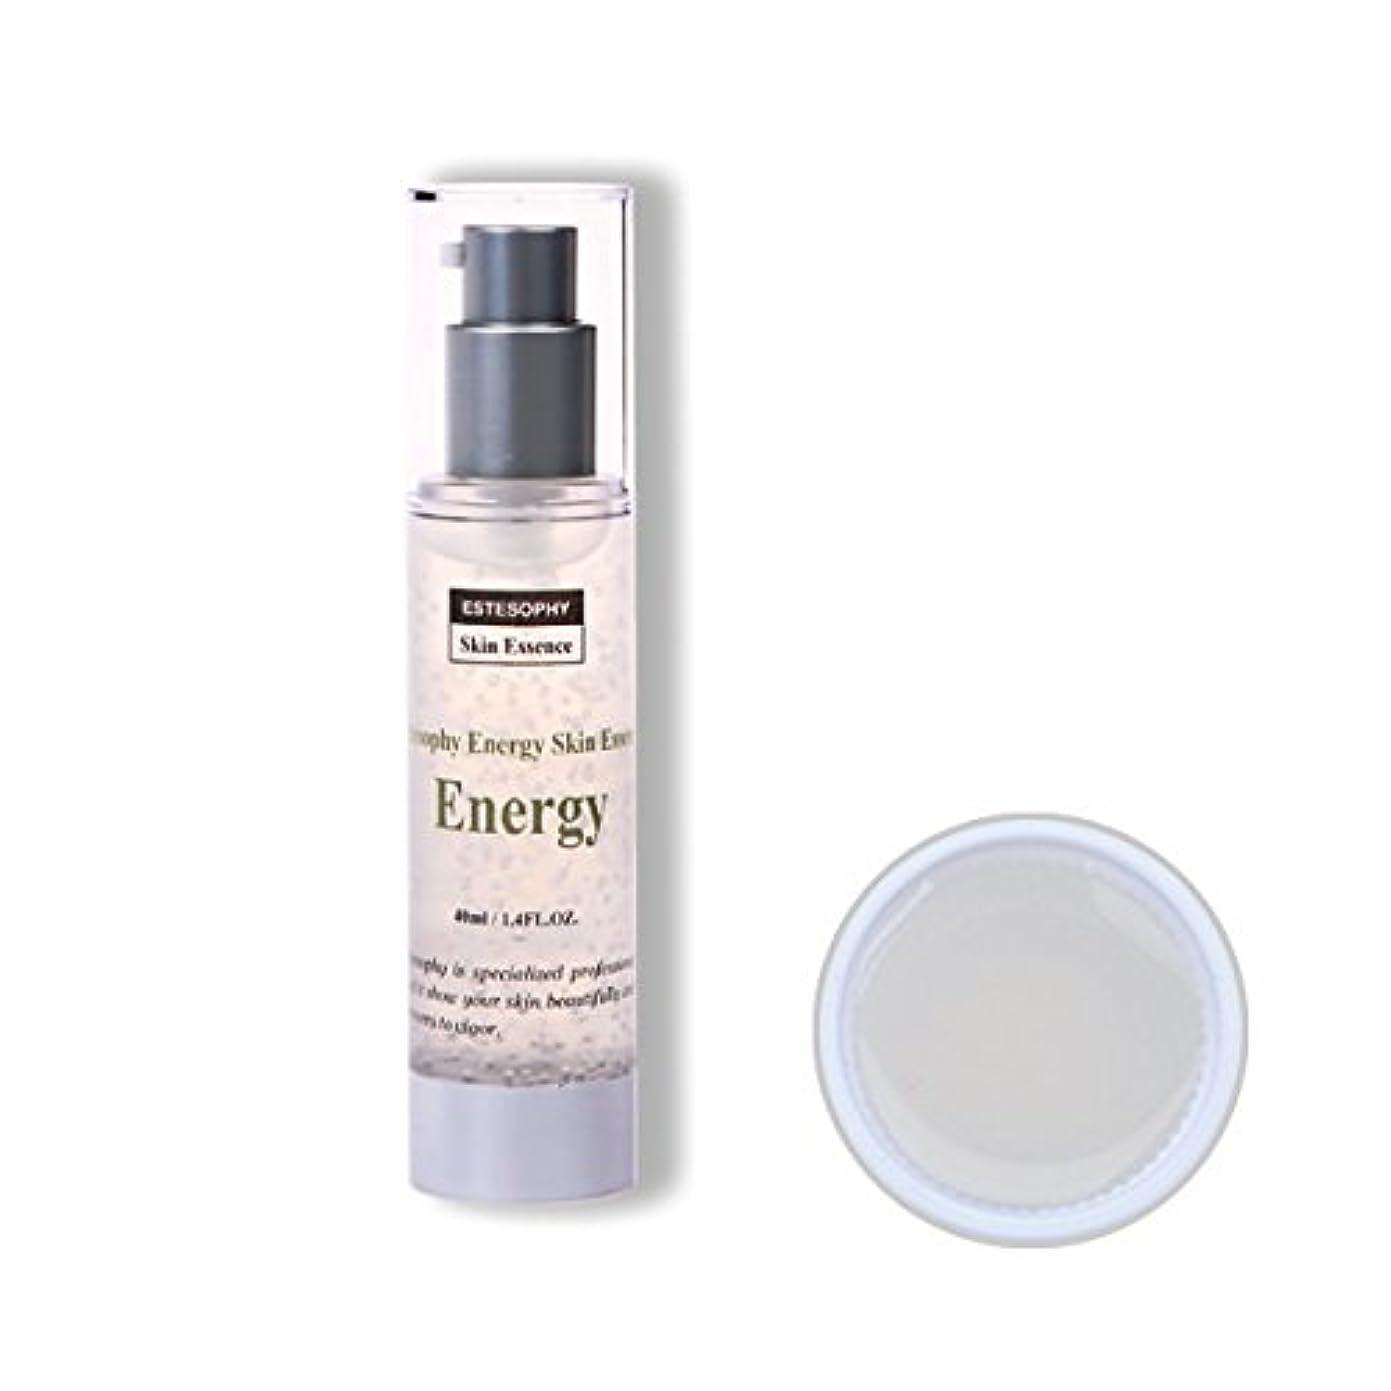 巨大な分子ためらうエステソフィー エナジー エッセンス 40ml 保湿美容液 業務用